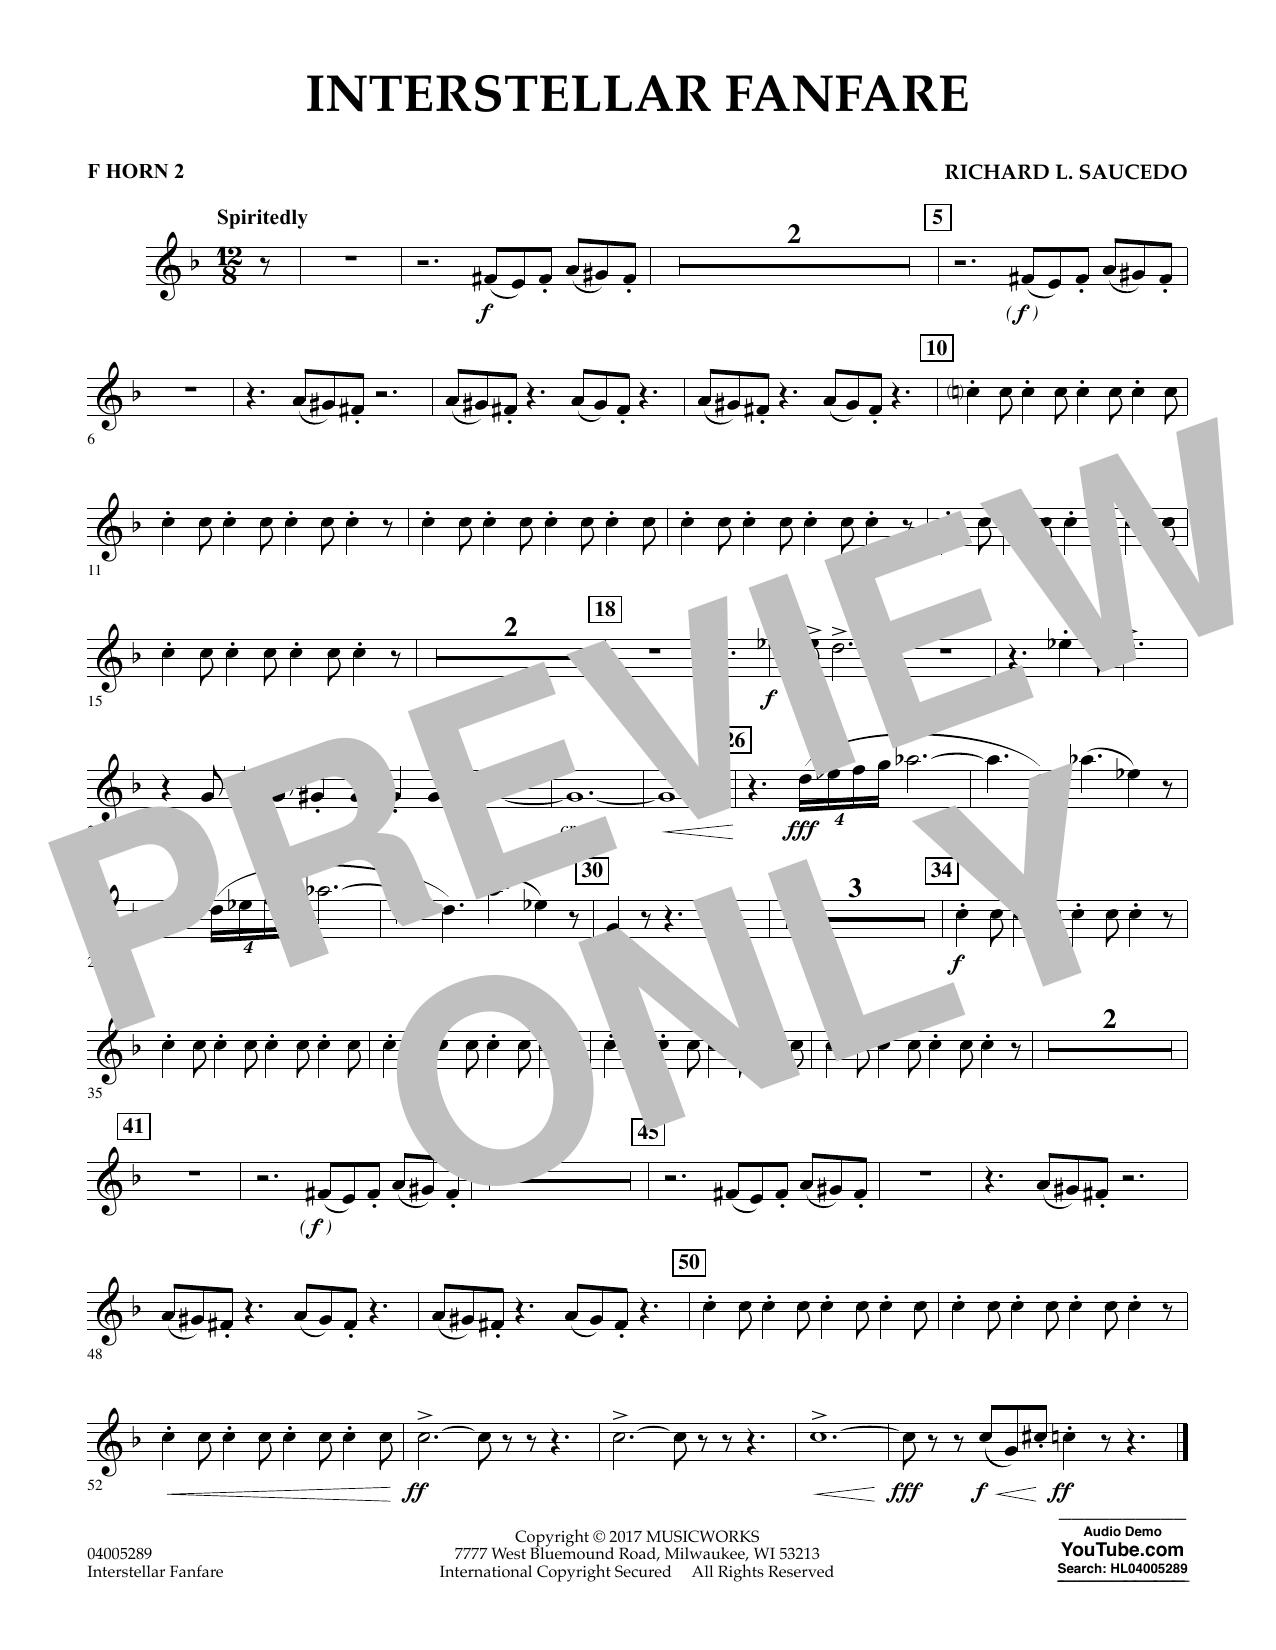 Richard L. Saucedo Interstellar Fanfare - F Horn 2 sheet music notes printable PDF score